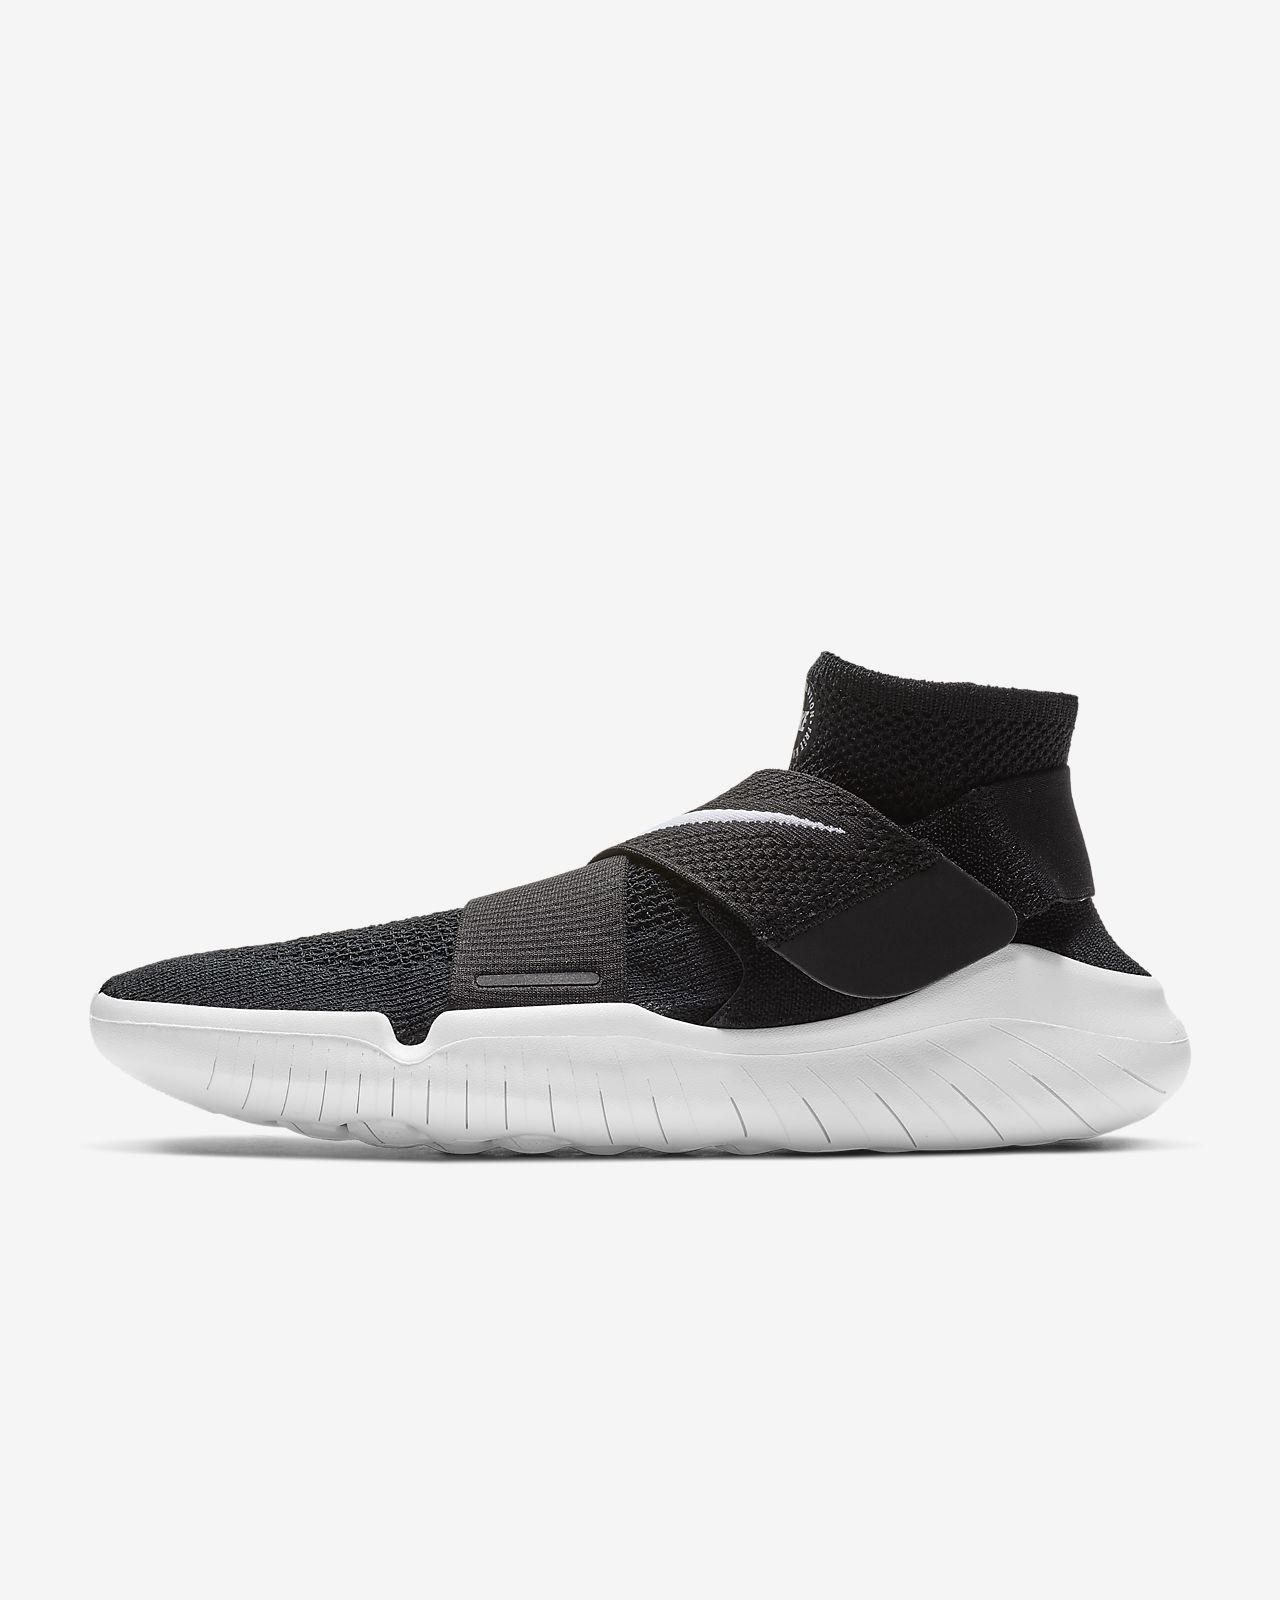 รองเท้าวิ่งผู้ชาย Nike Free RN Motion Flyknit 2018